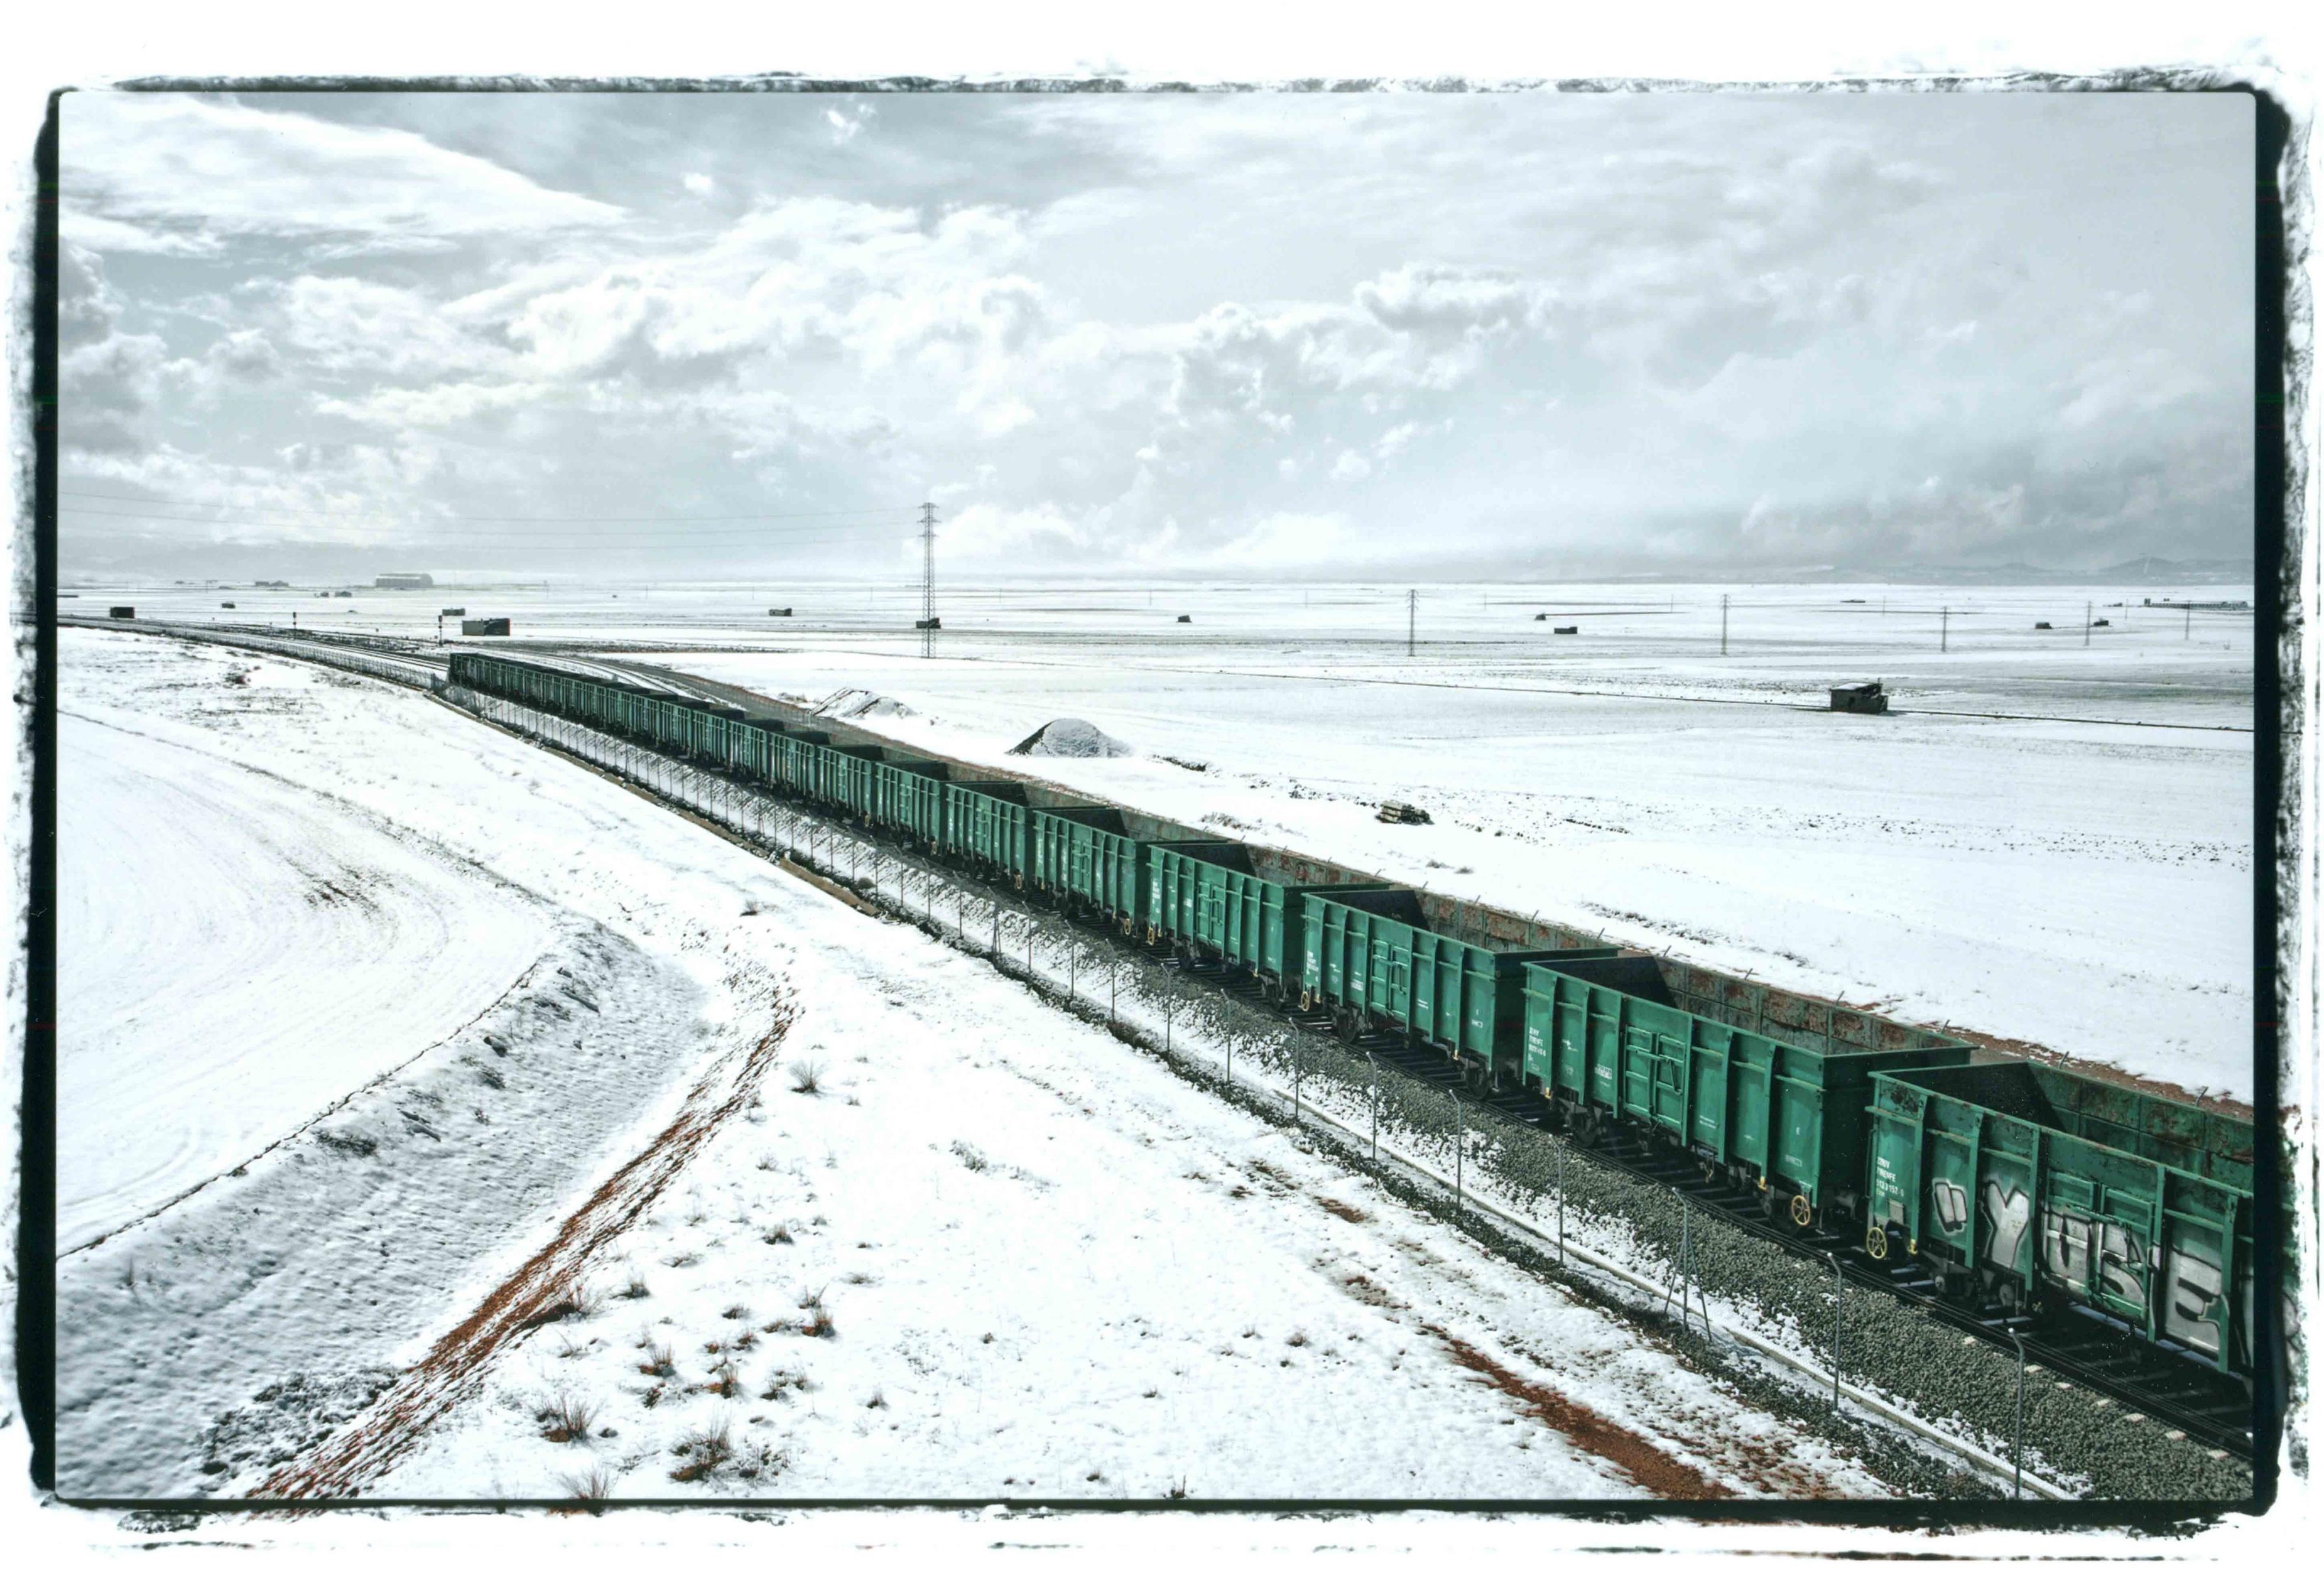 Una imagen del paisaje nevado de Cella (Teruel) gana el cuarto premio del Concurso Fotográfico Camino del Cid